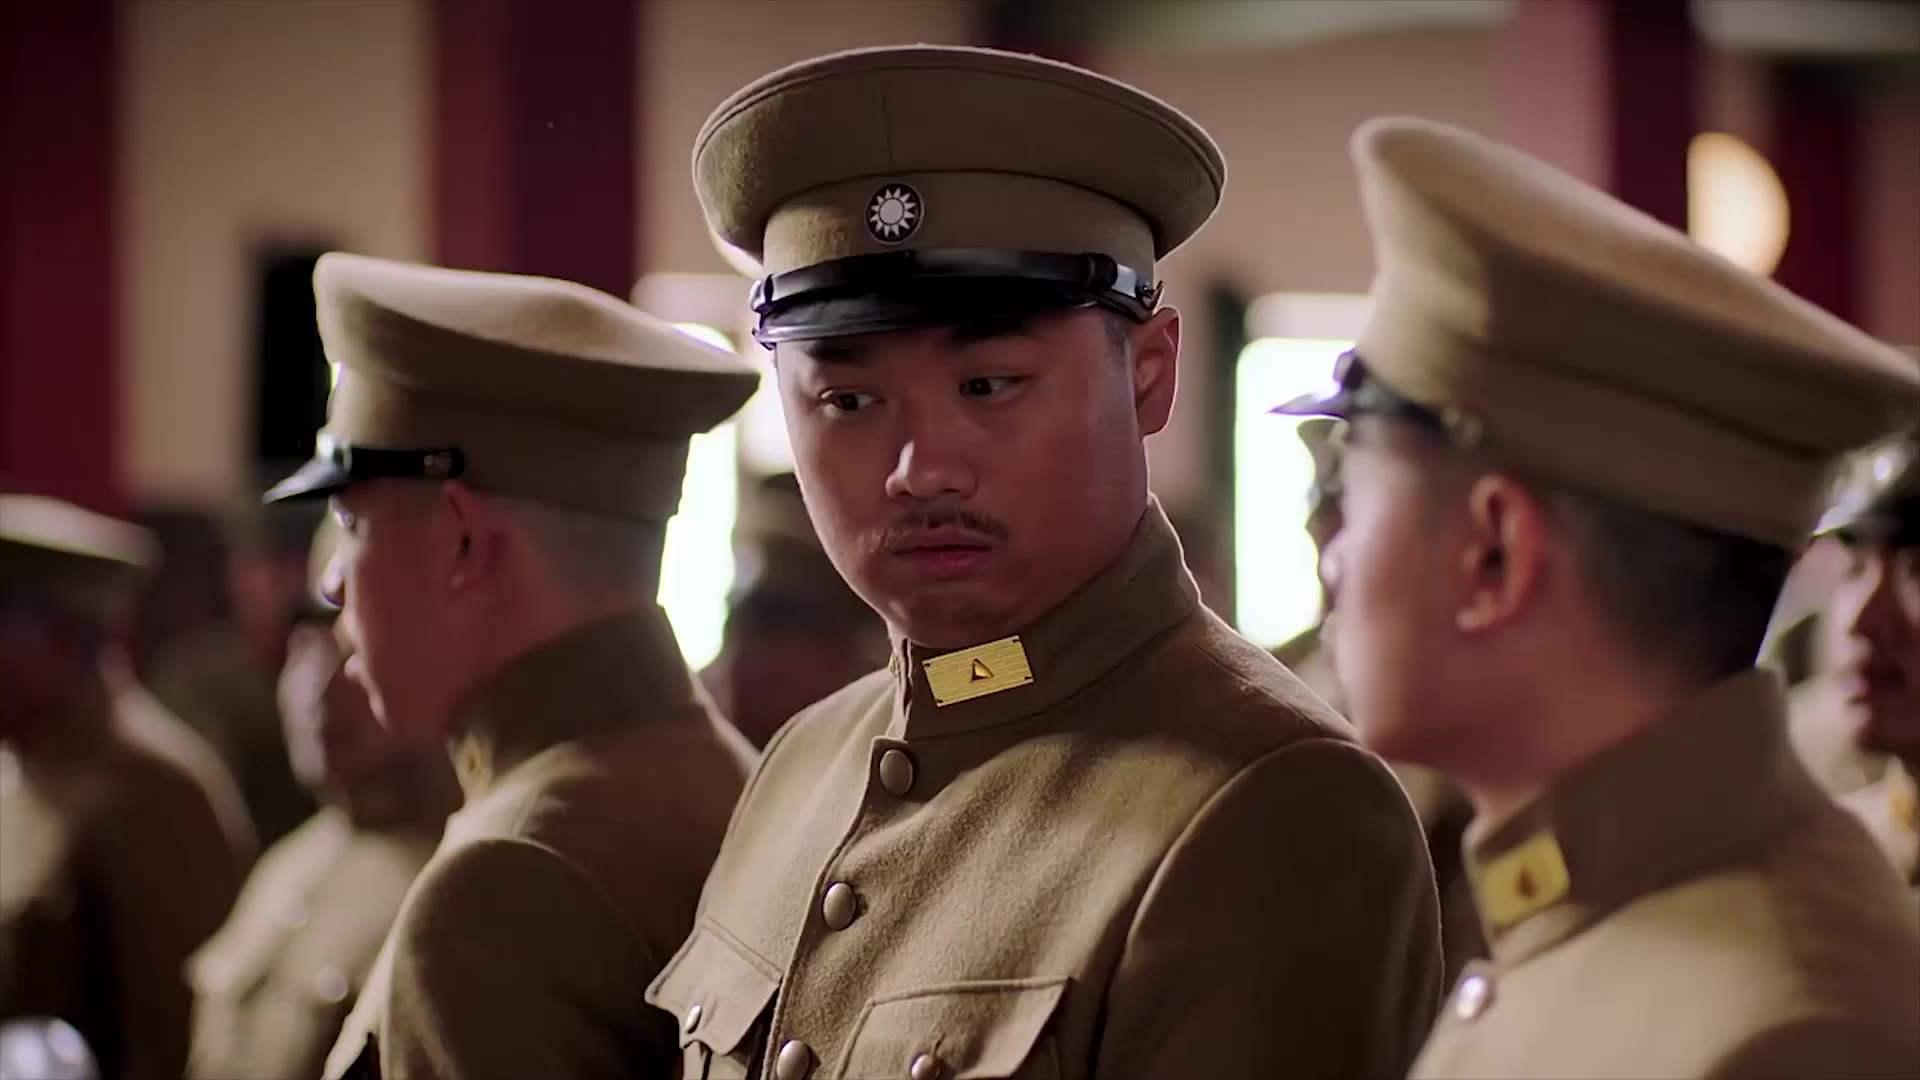 <b>这个东北军战士被红军俘虏,参加红军后三改姓名,最终成开国少将</b>